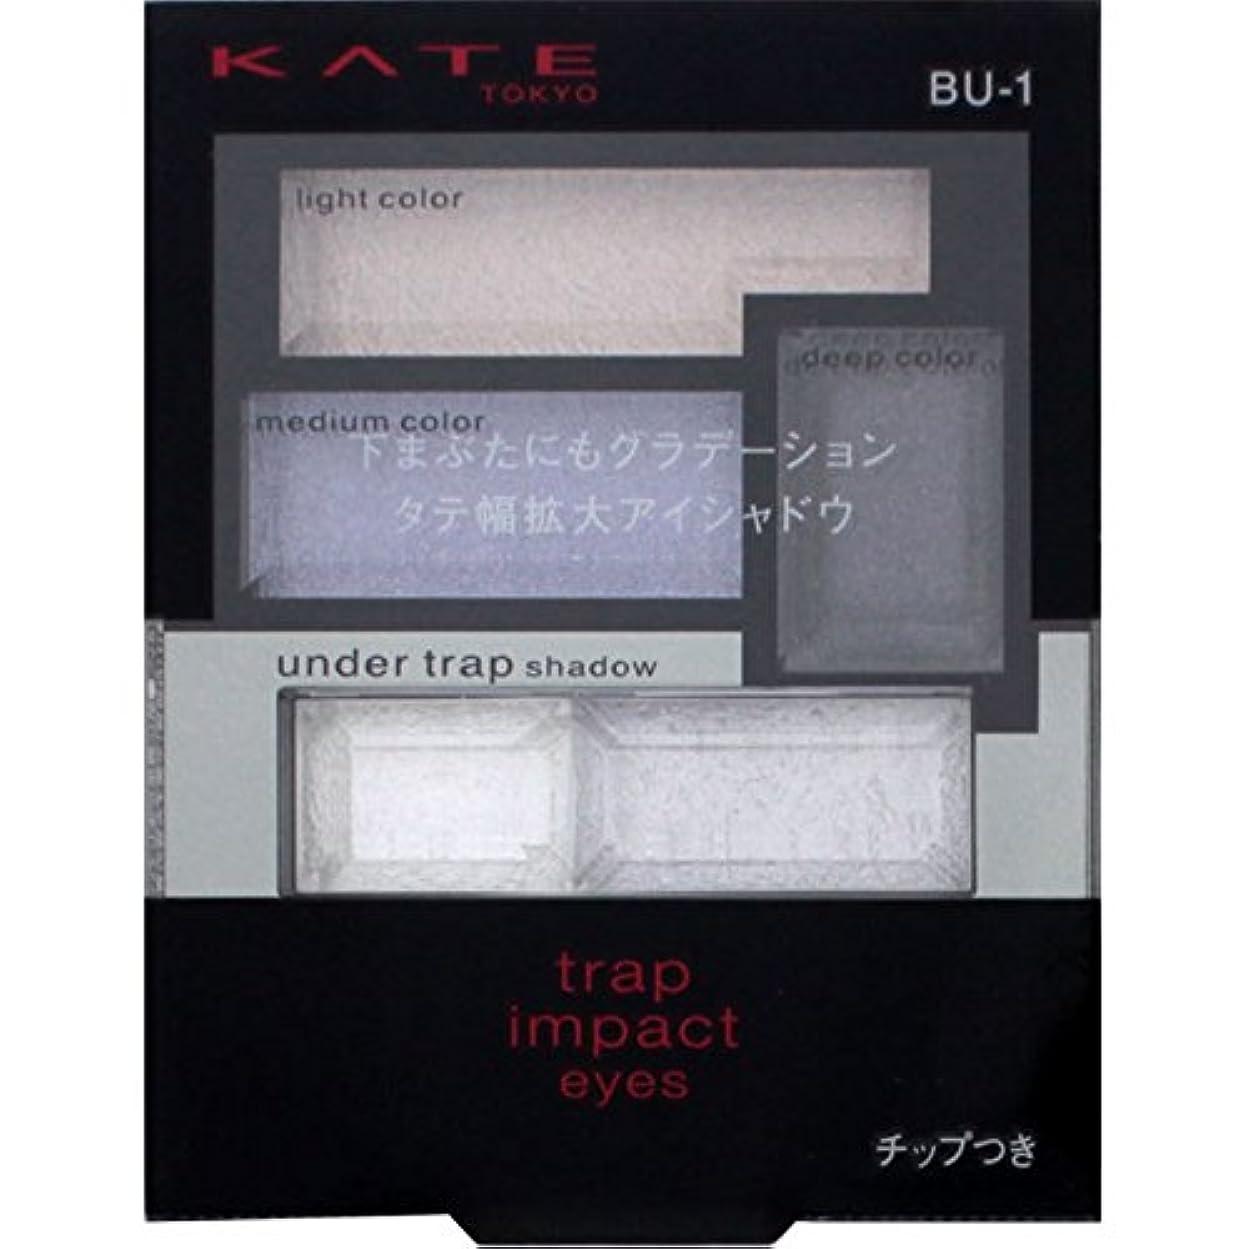 シェア力強い二カネボウ ケイト トラップインパクトアイズ BU-1